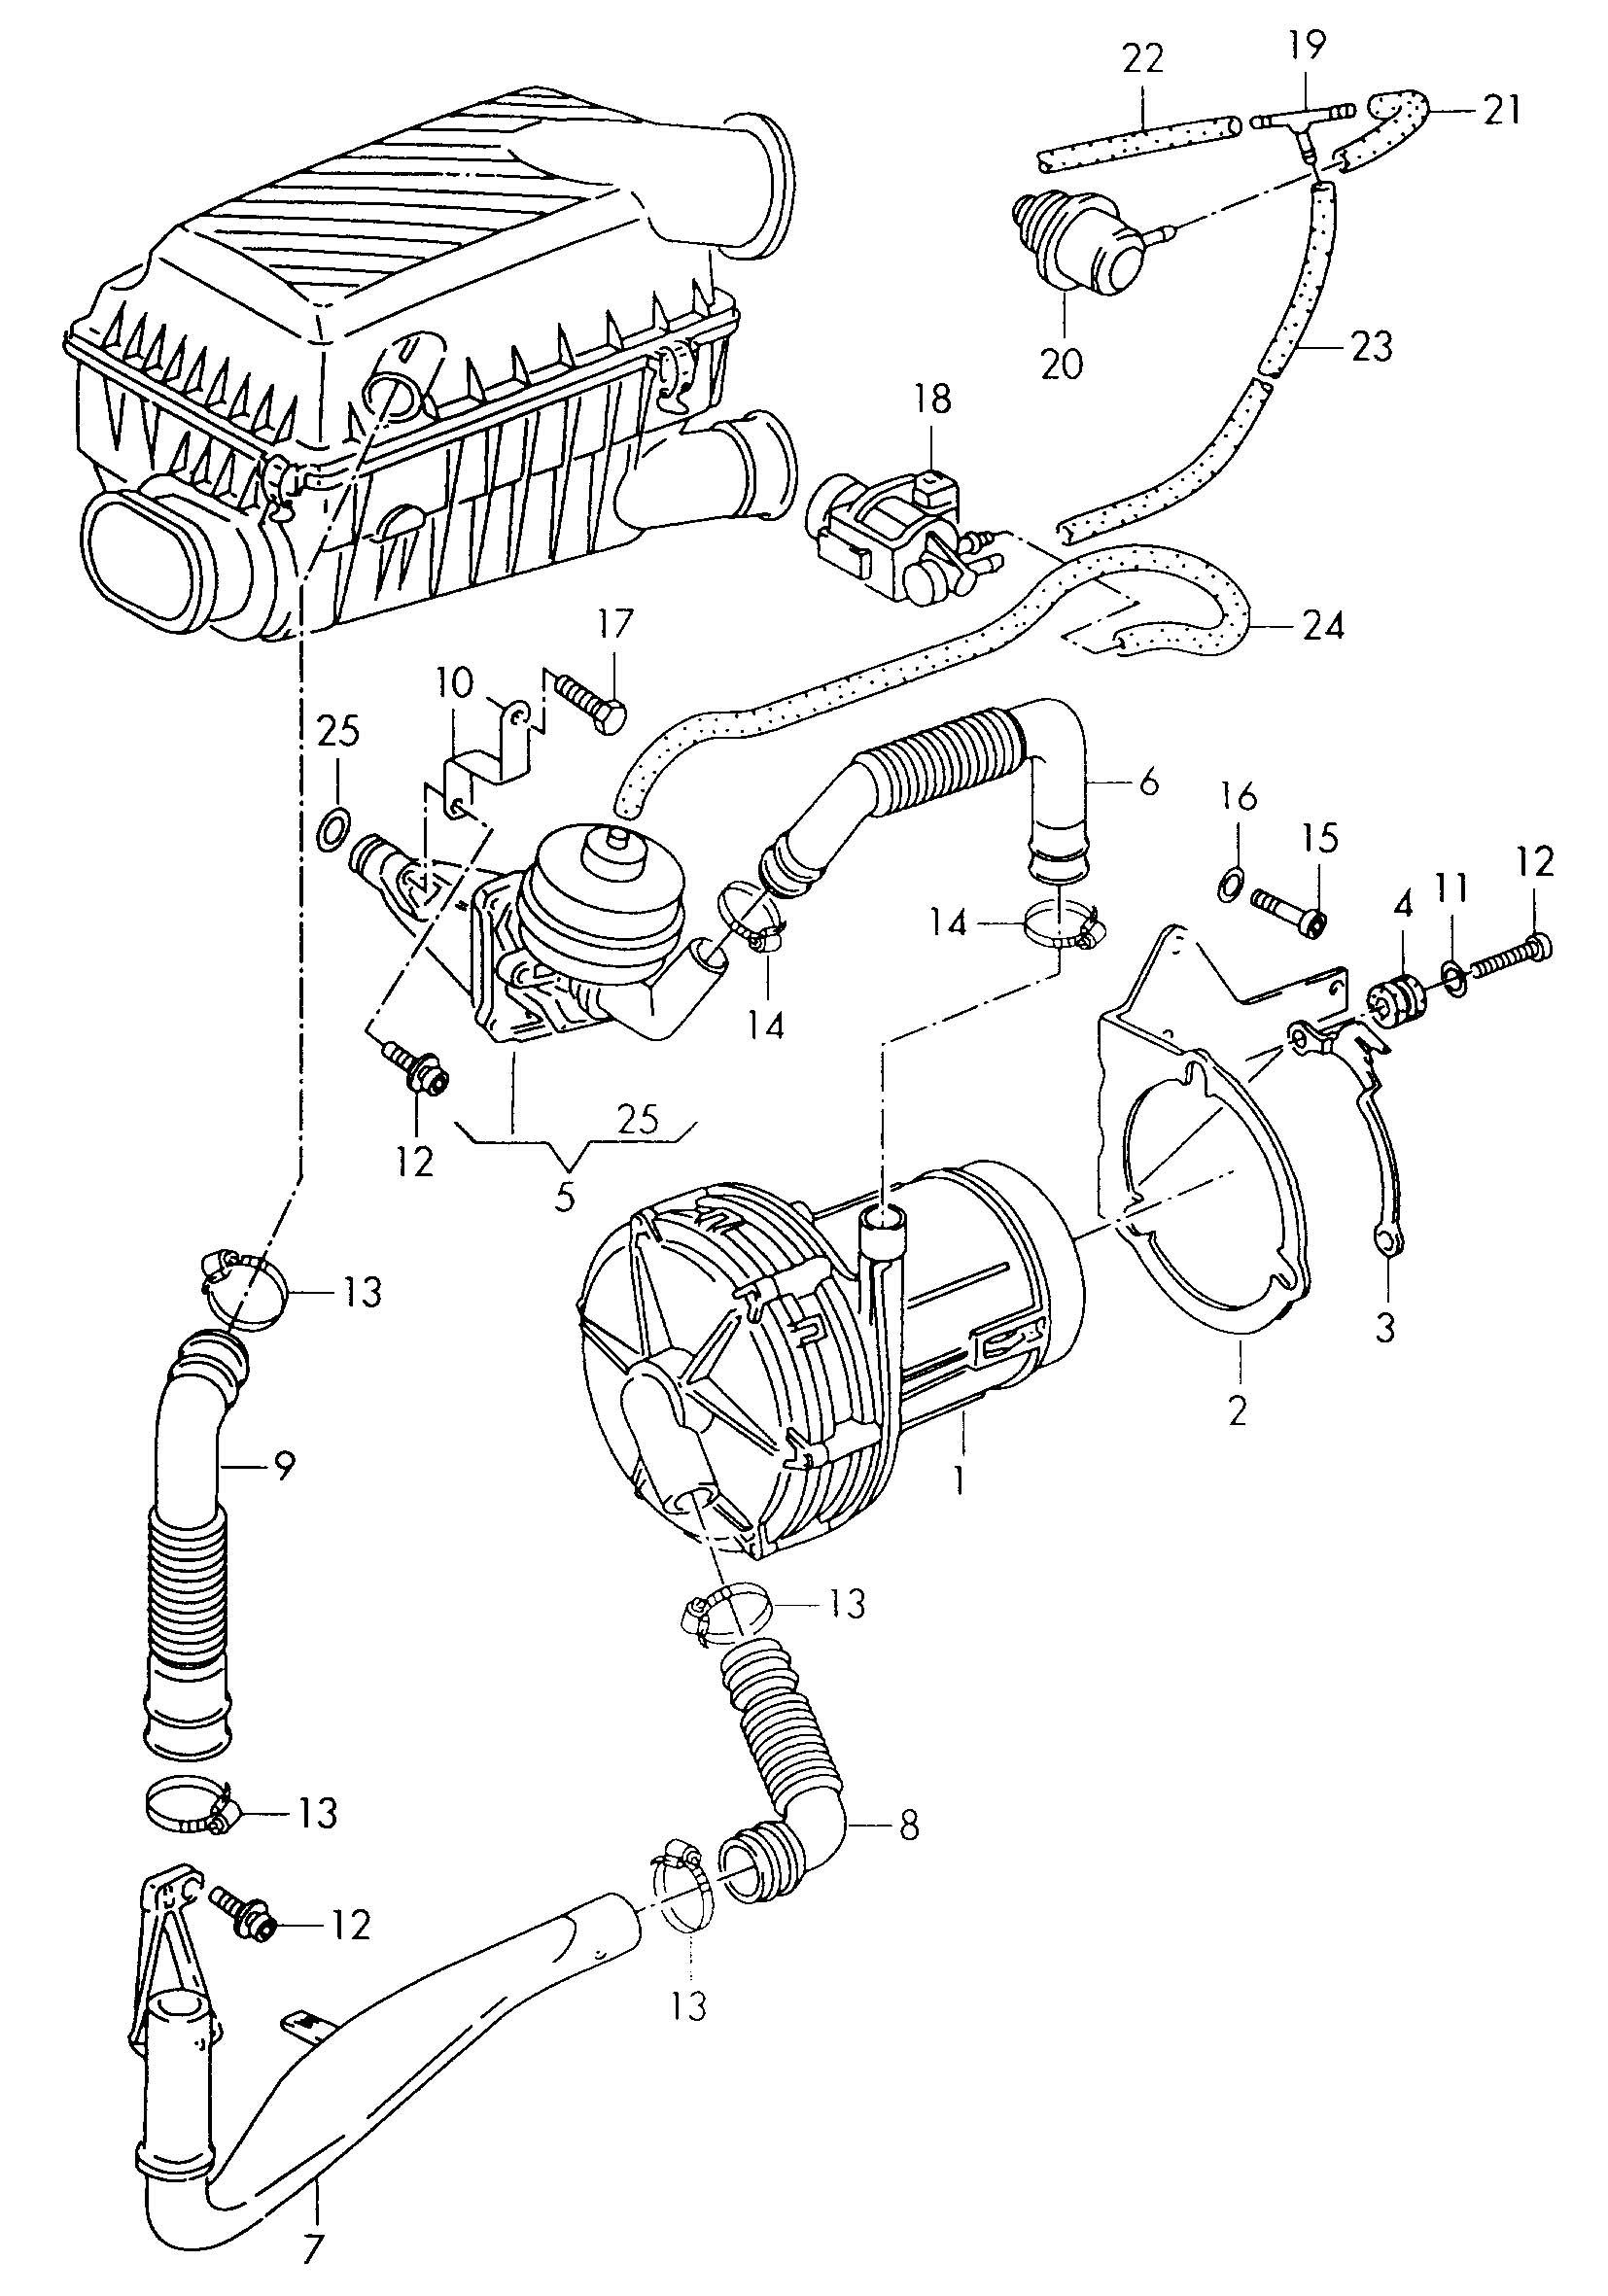 Volkswagen Corrado Fuel Pressure Regulator Illustration